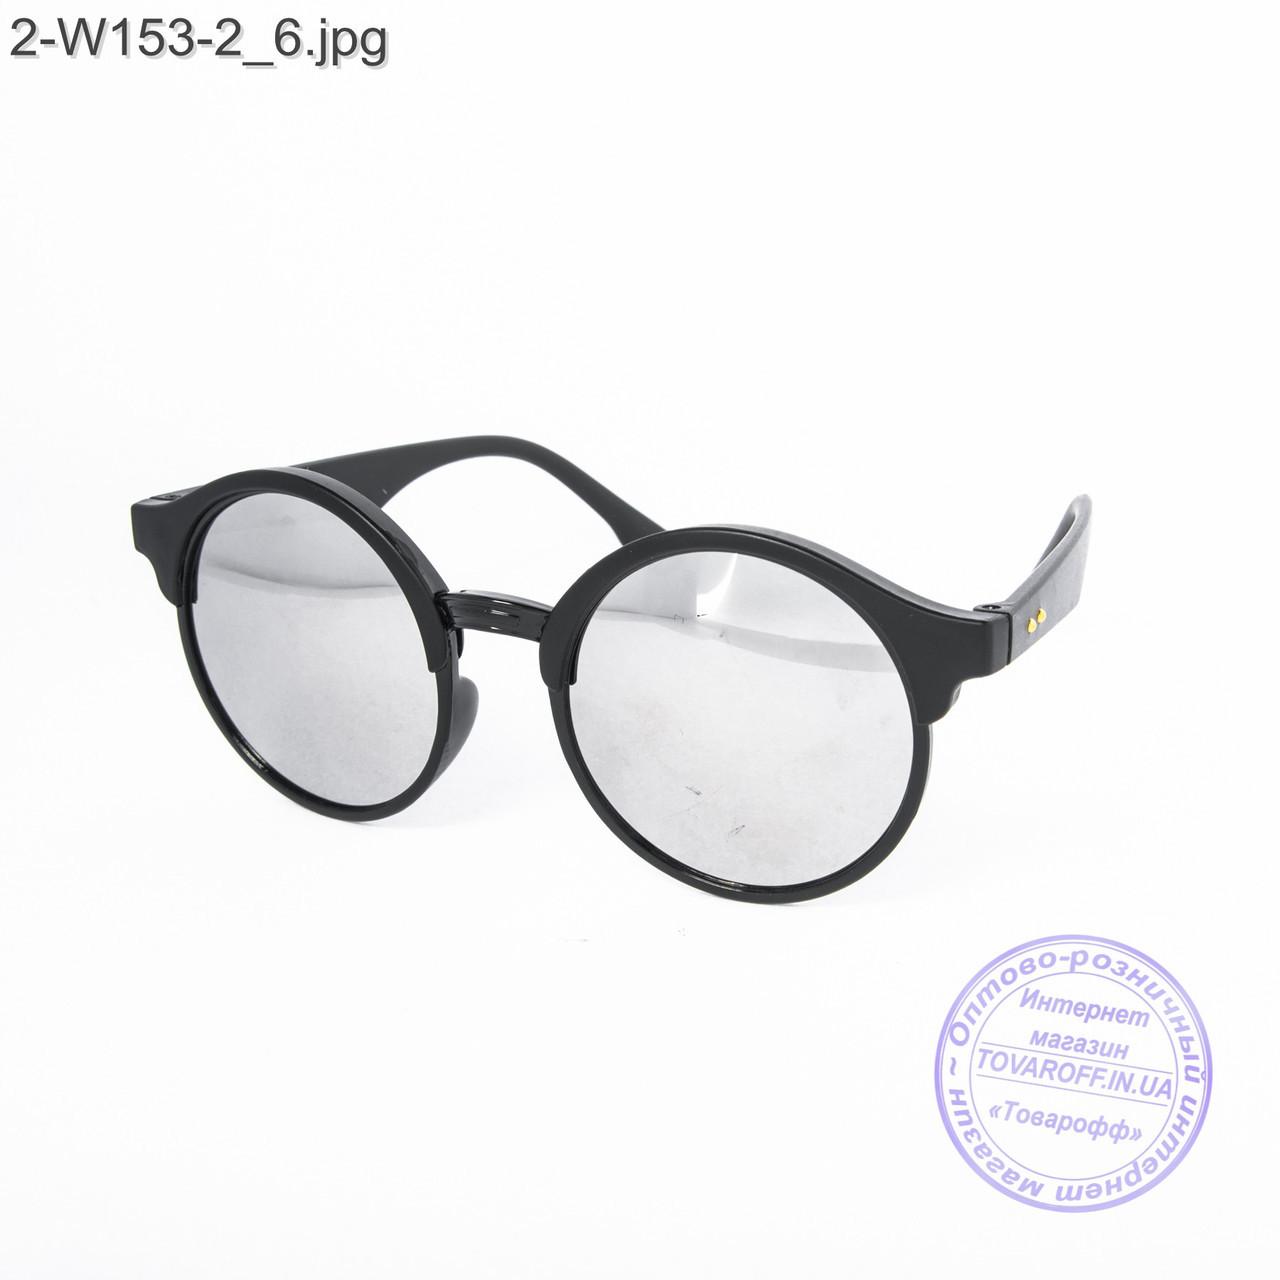 Оптом солнцезащитные очки унисекс - черные зеркальные -2-W153-2